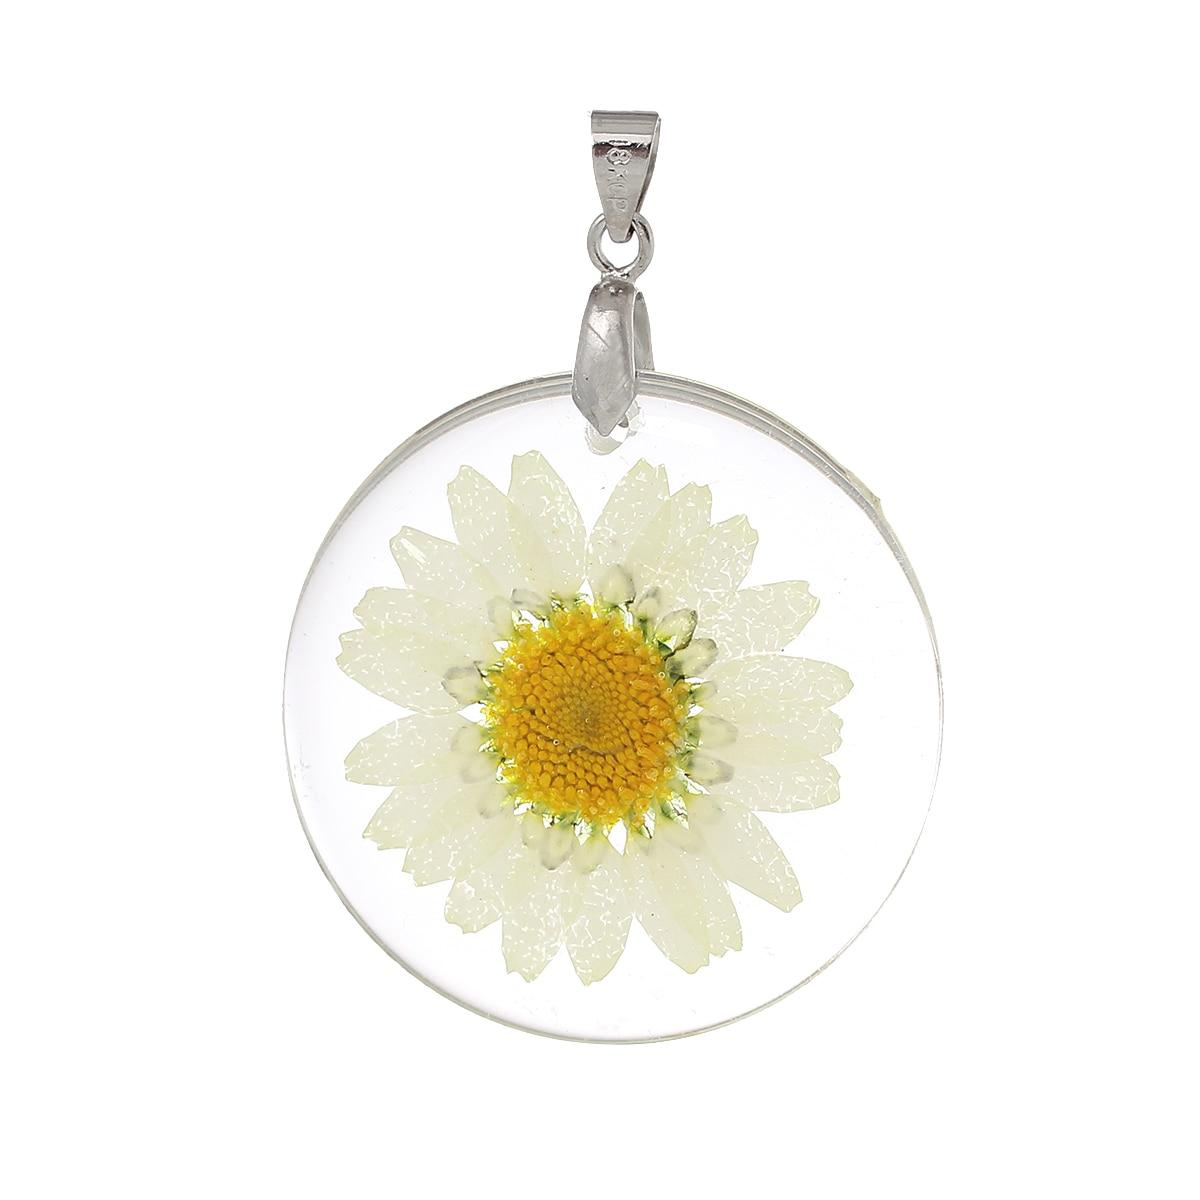 """DoreenBeads gyanta medálok, Kerek átlátszó sárga valódi virág, 44 mm (1 6/8 """") x 32 mm (1 2/8""""), 3 pc"""